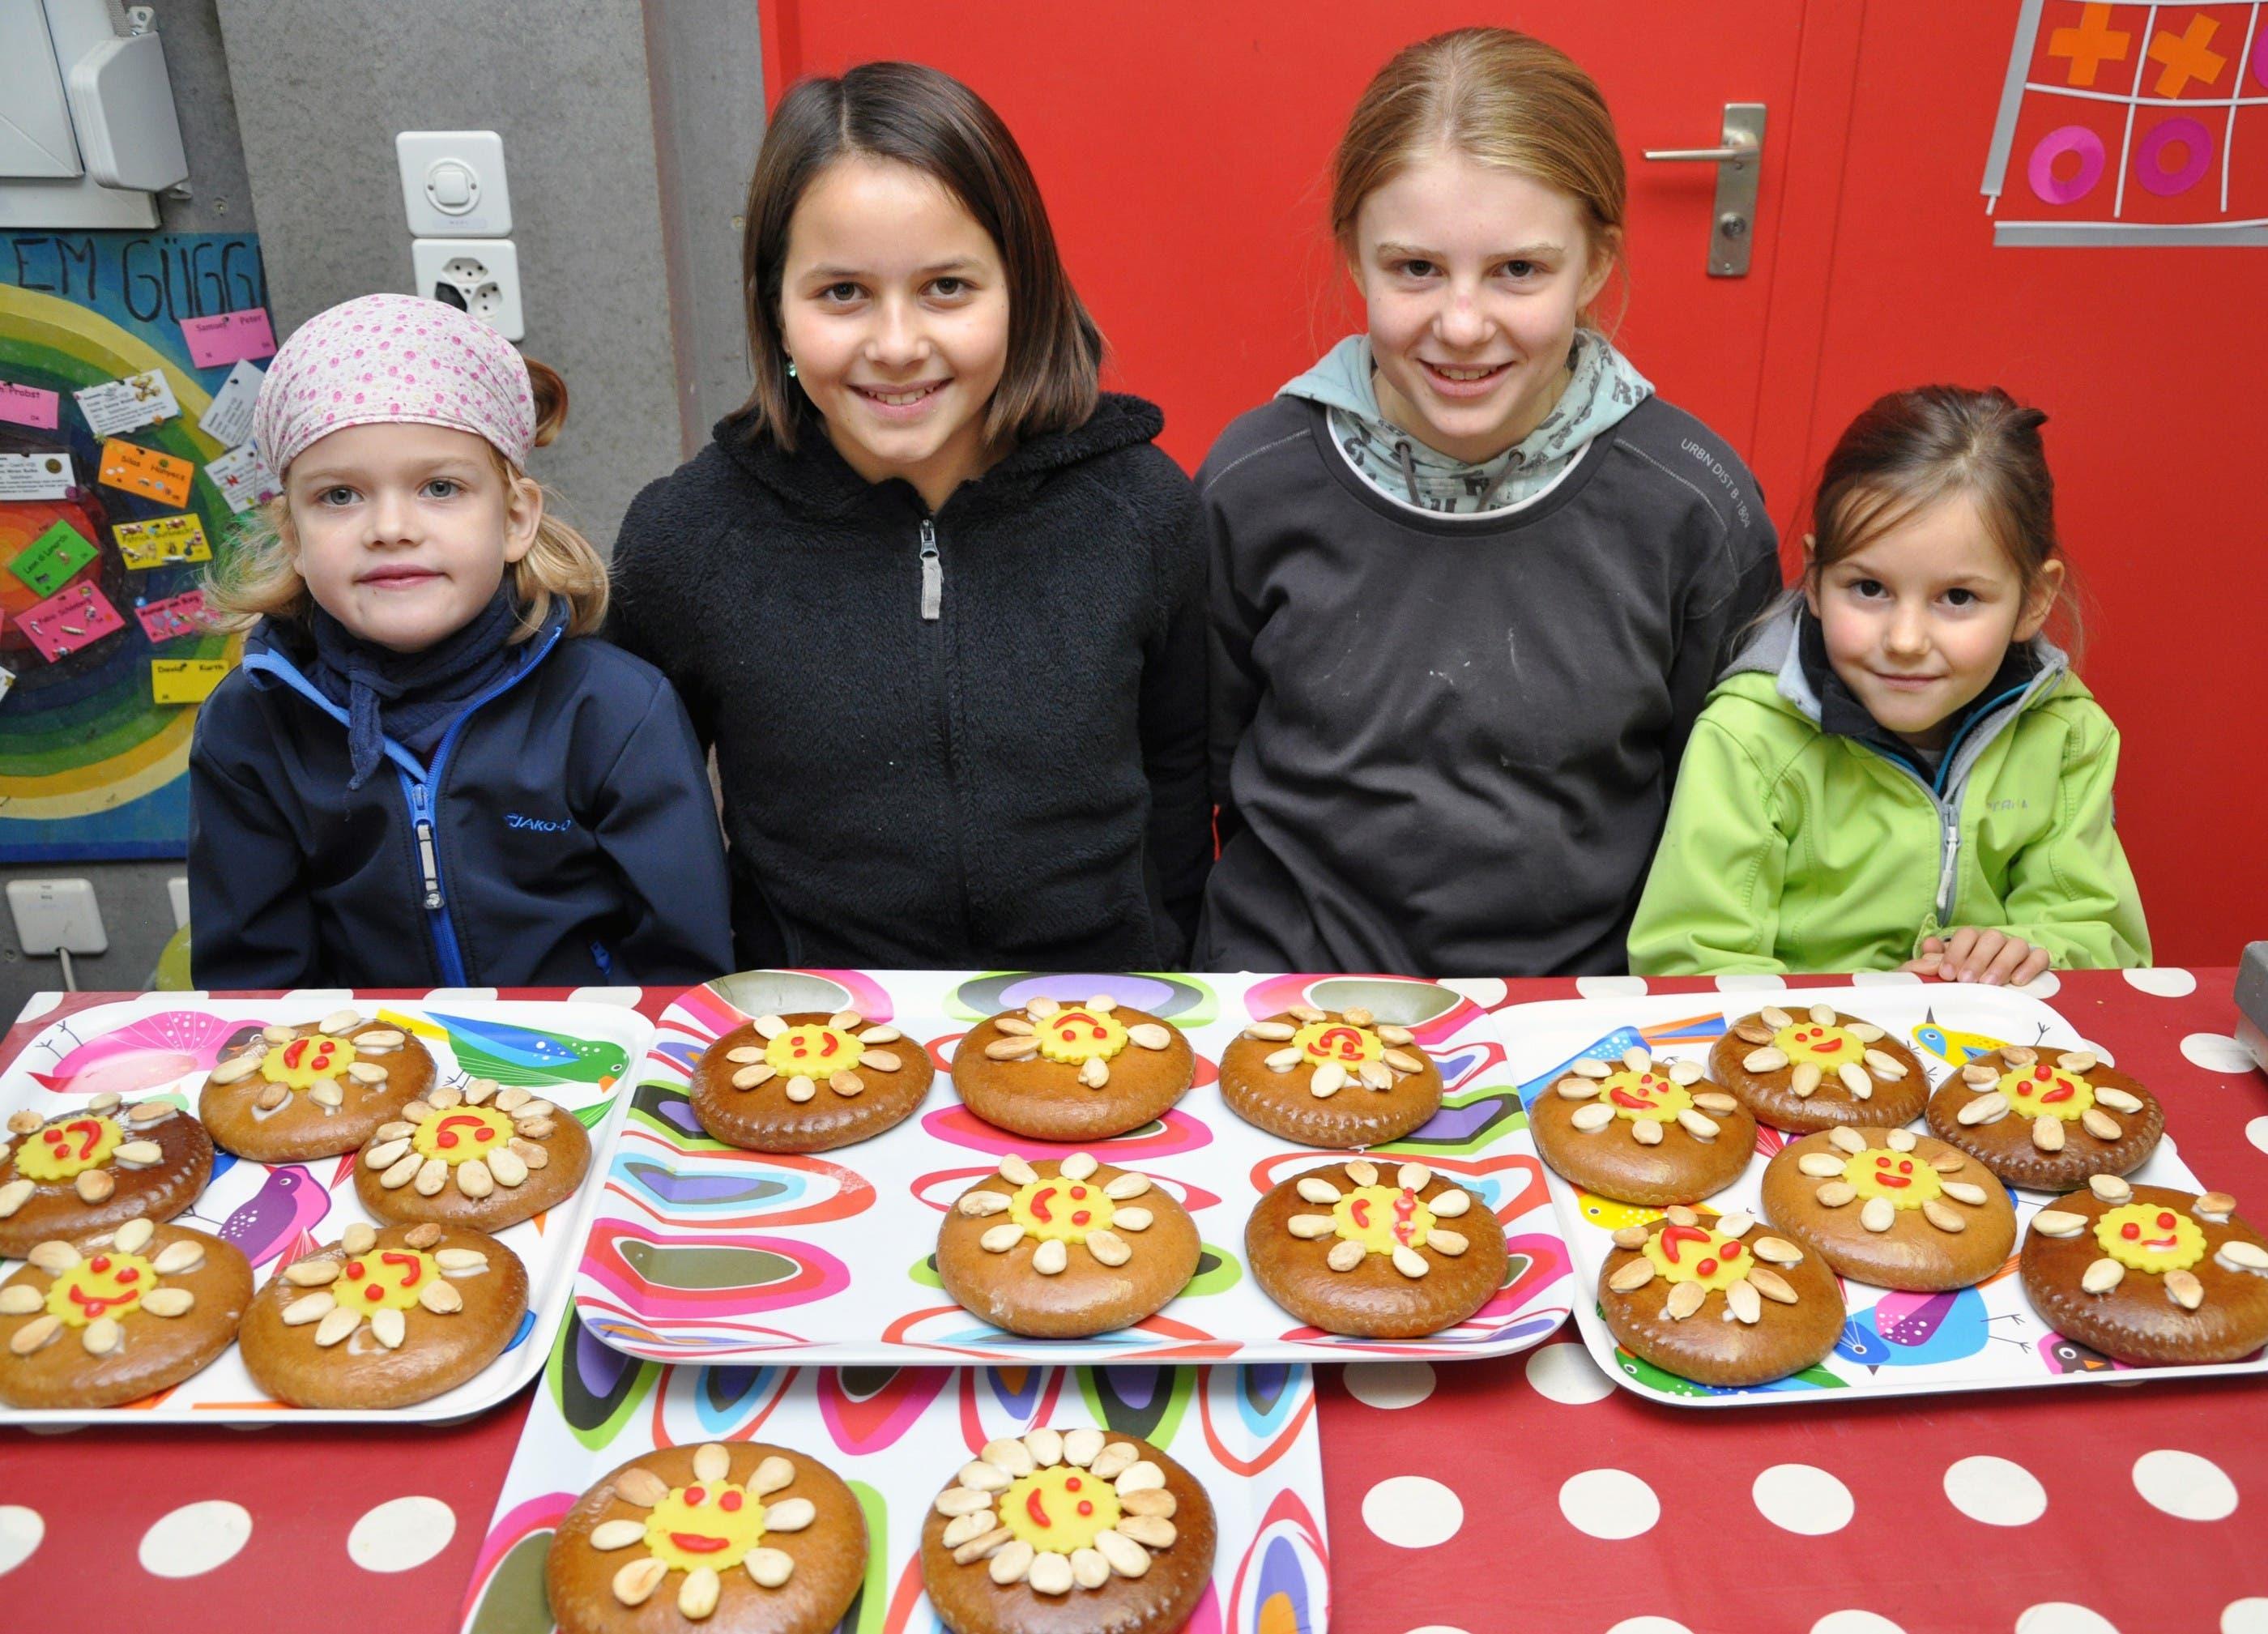 Kinder verzieren Lebkuchen.JPG Kinder auf dem Spielplatz Güggi verzieren gemeinsam mit Mitgliedern von Soroptimist Club Solothurn Lebkuchen, die an Firmen der Region gehen.